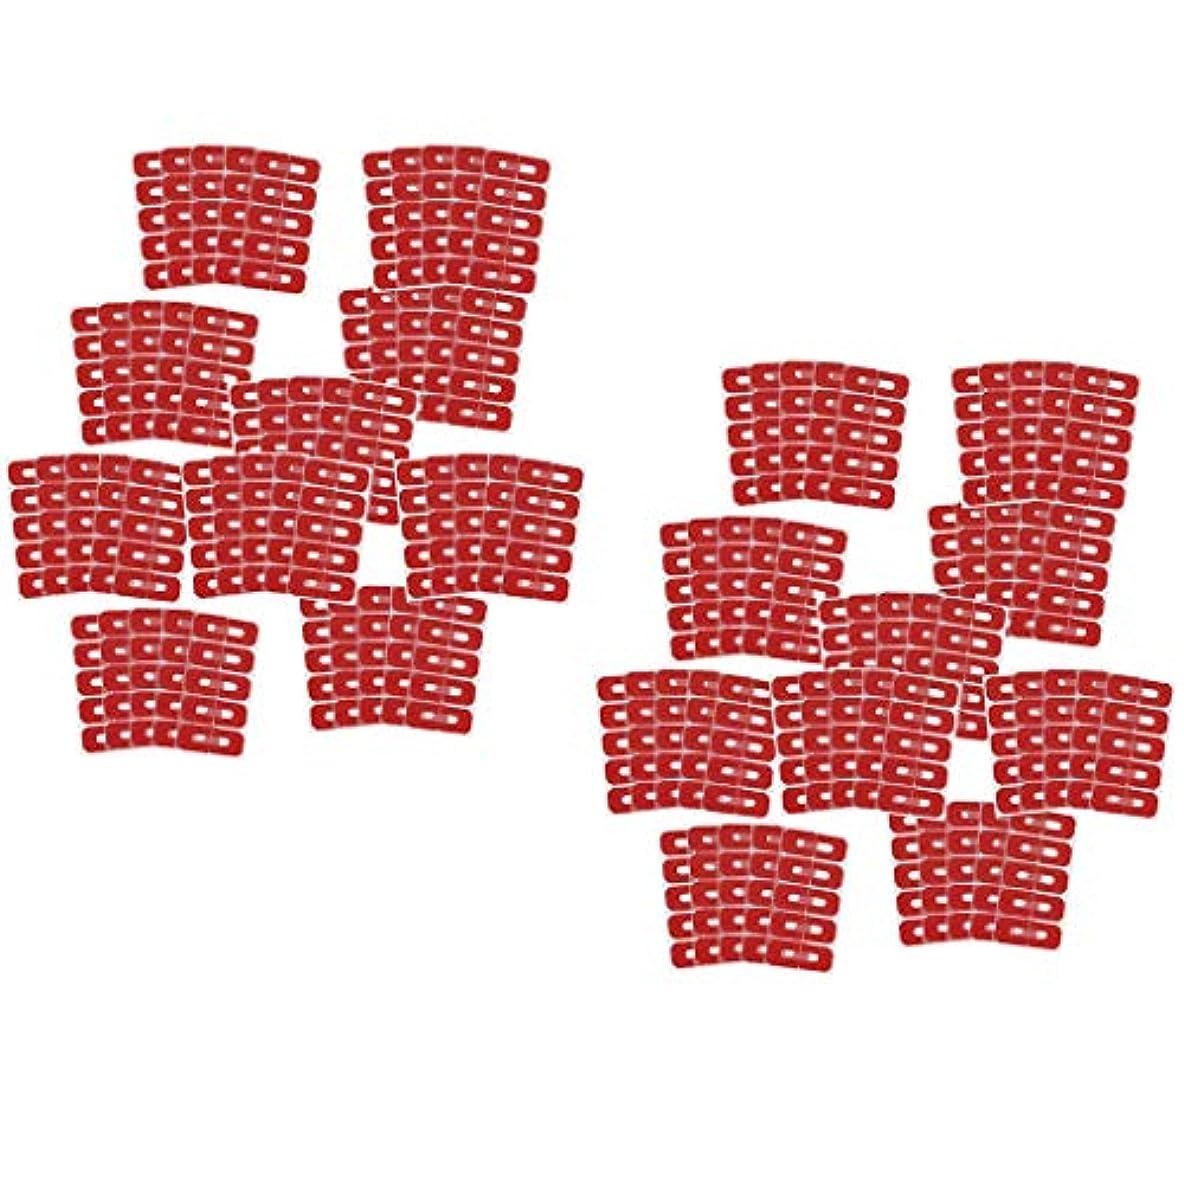 重要性サラダ誕生日T TOOYFUL ネイルサロン こぼれ防止 ネイルプロテクター カバー 使い捨て ネイルポリッシュ ネイルアート